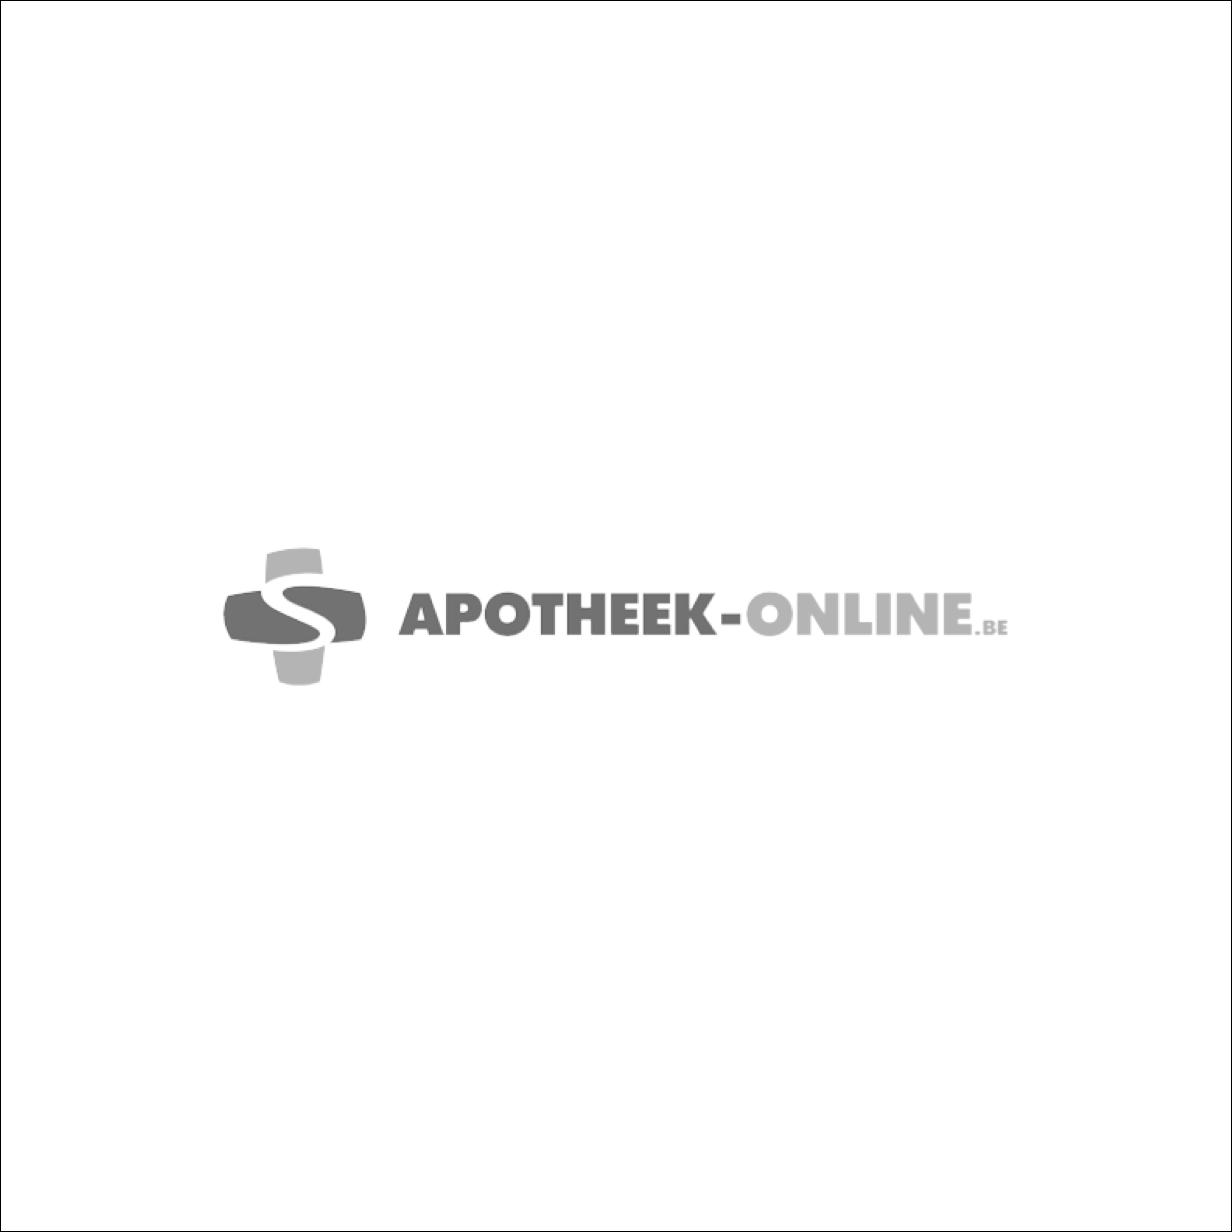 Idealast-haft Rood 8cmx4m 1 P/s